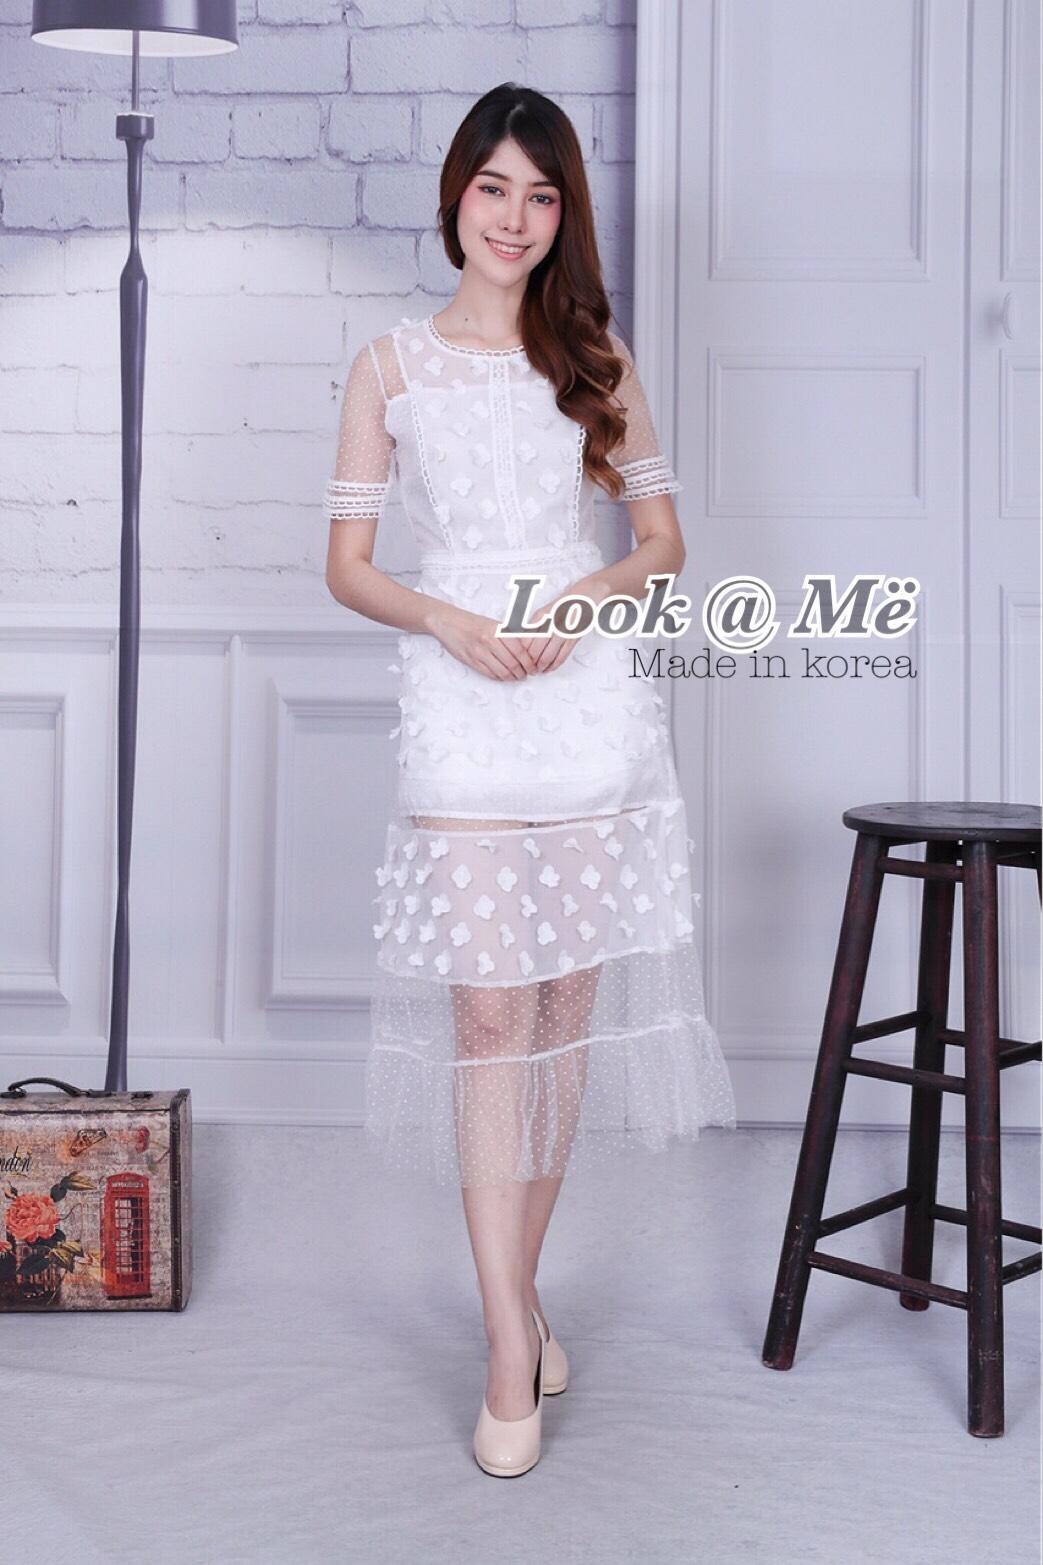 เดรสแฟชั่น Dress ชุดกระโปรงสุดหวานสีขาวมาเสริฟแล้วจร้า